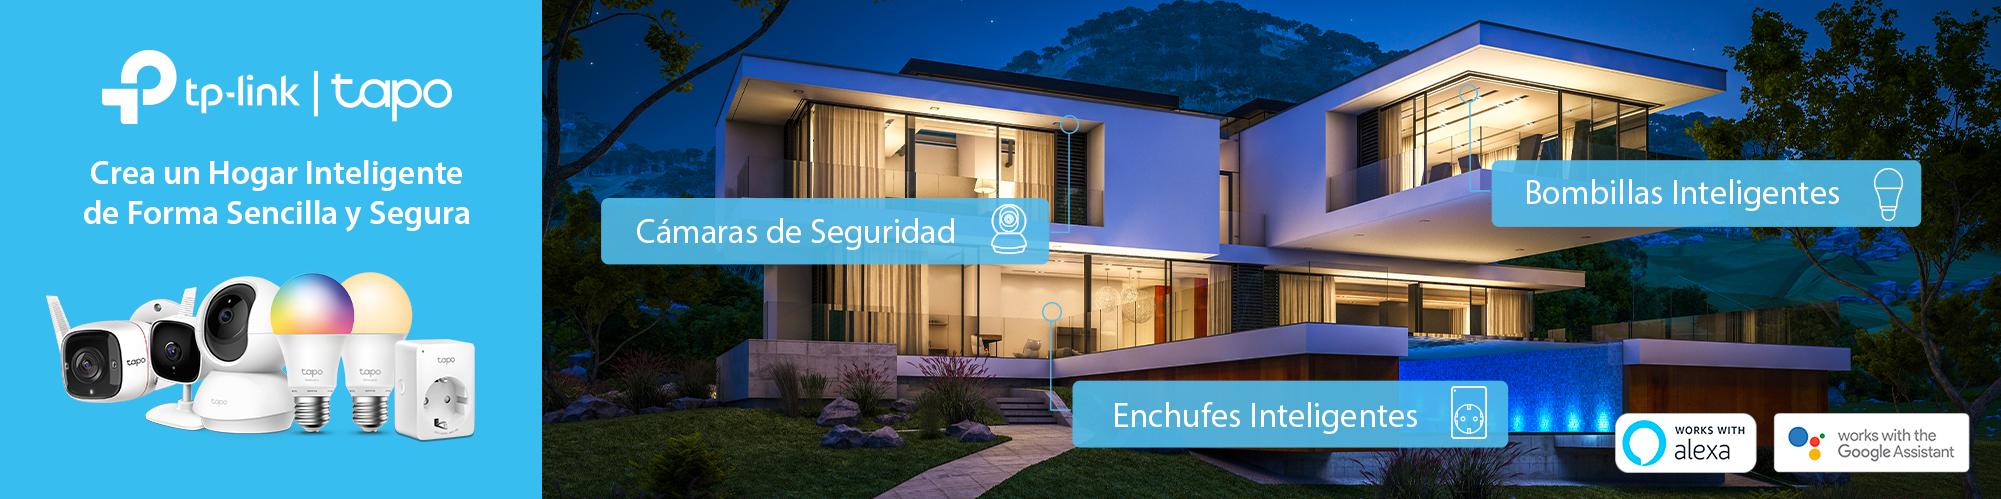 TP-Link hace más inteligente el hogar de la mano de TAPO, ahora con novedades en iluminación y seguridad inteligente